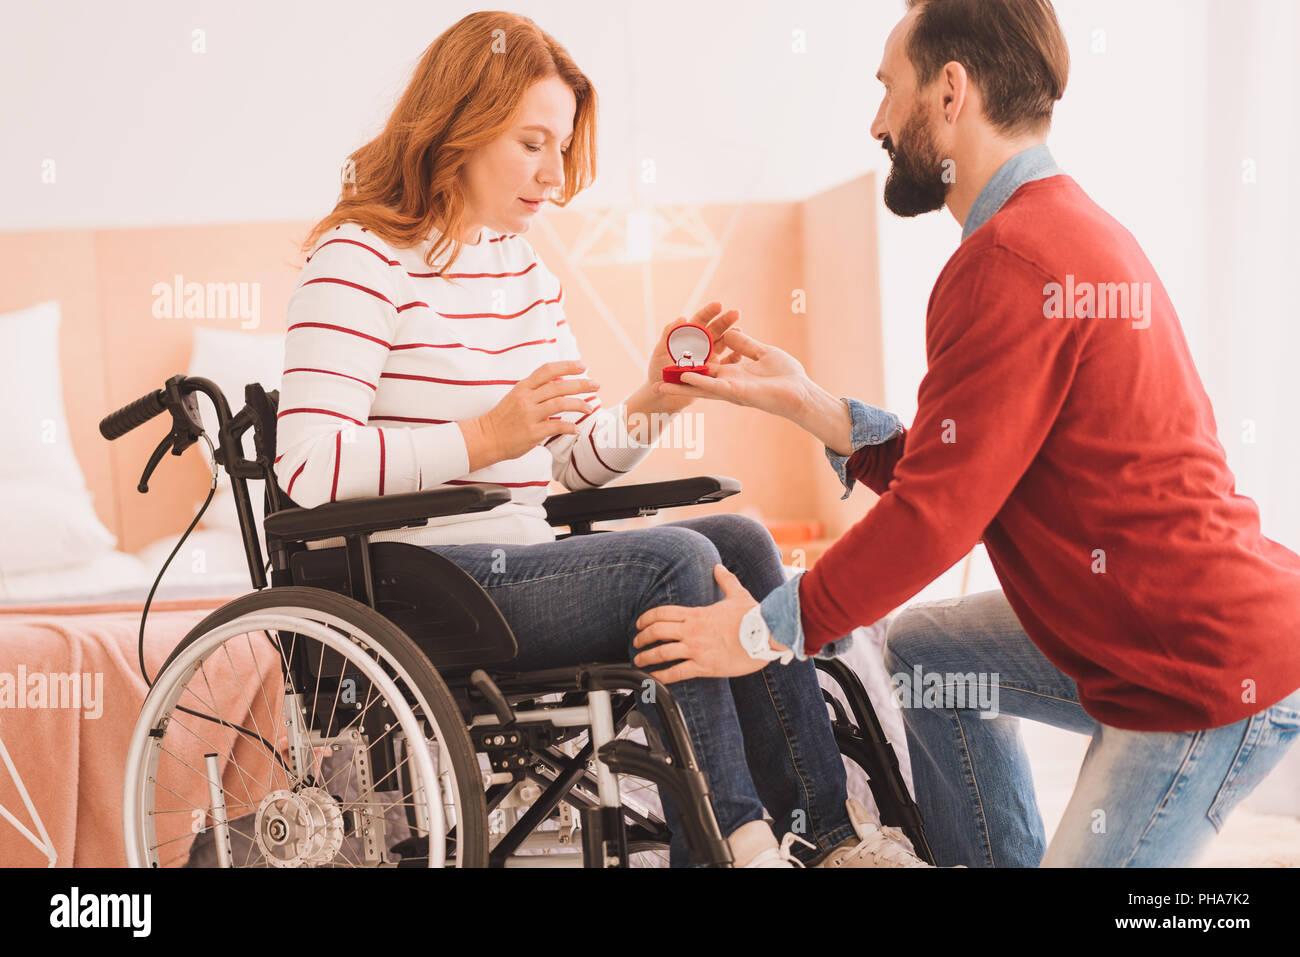 Angenehme liebevoller Mann einen Vorschlag zu machen Stockbild